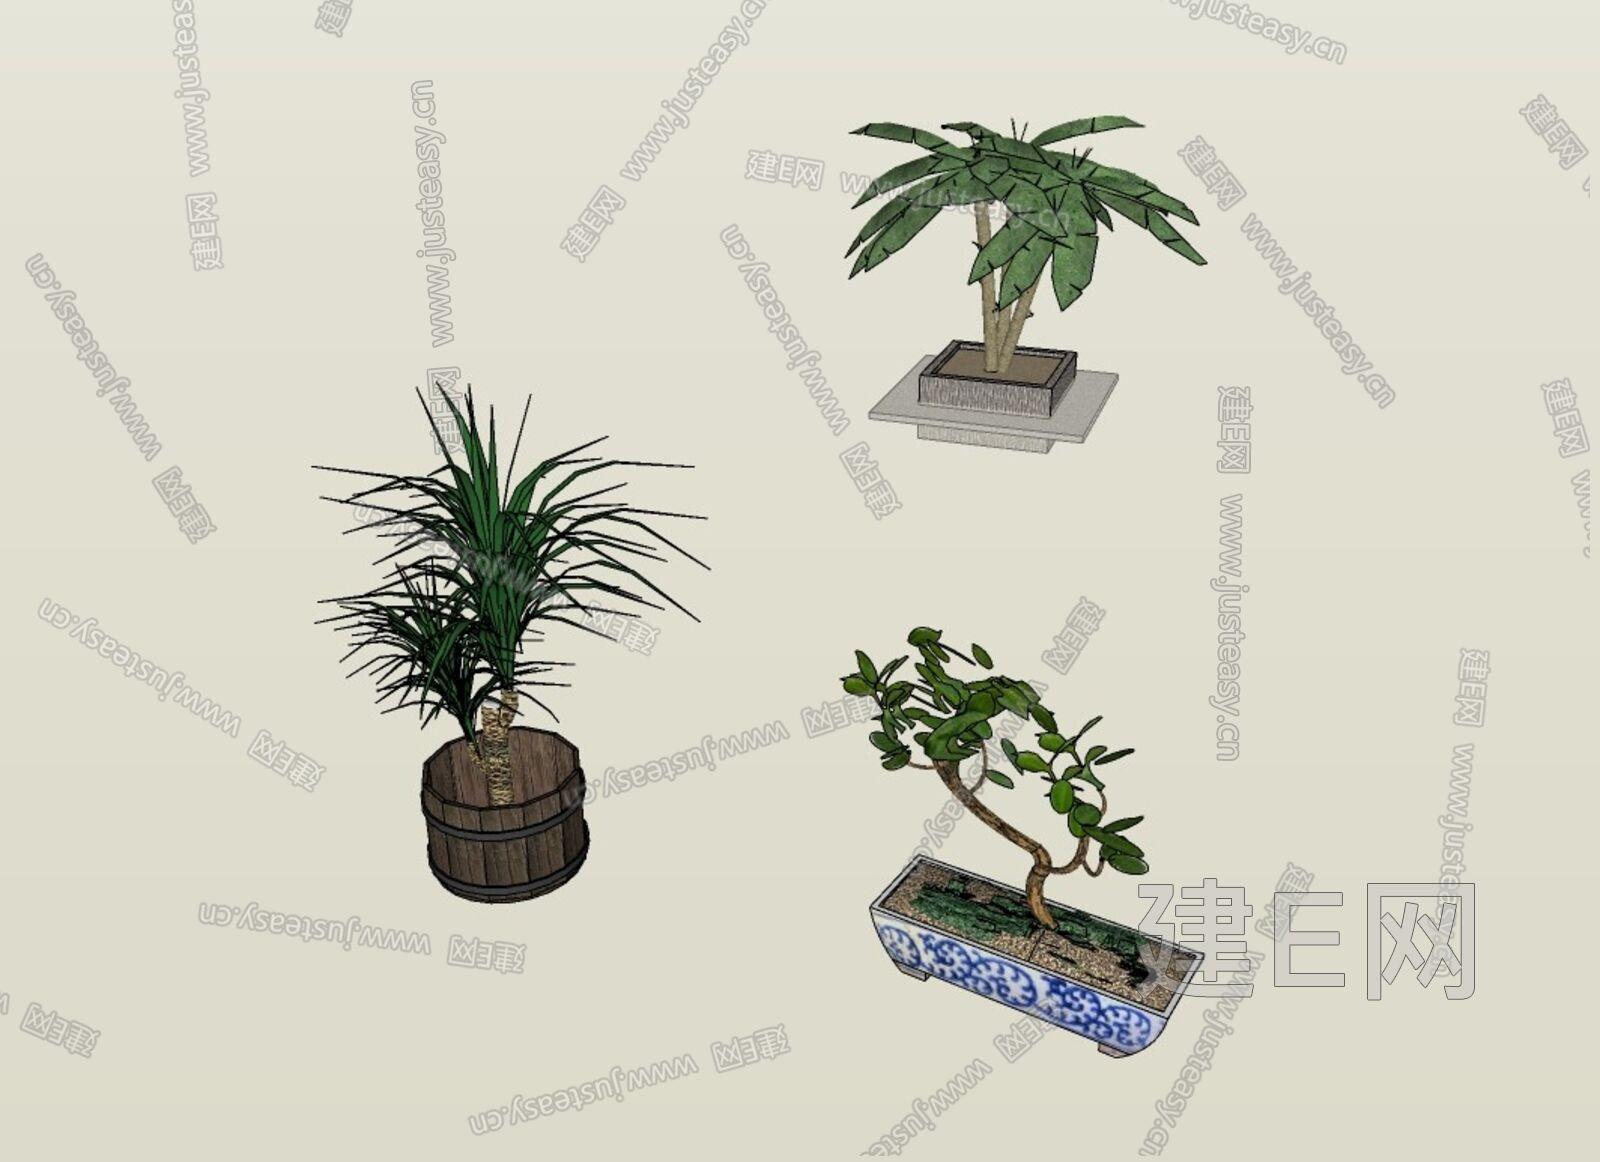 盆栽sketchup模型